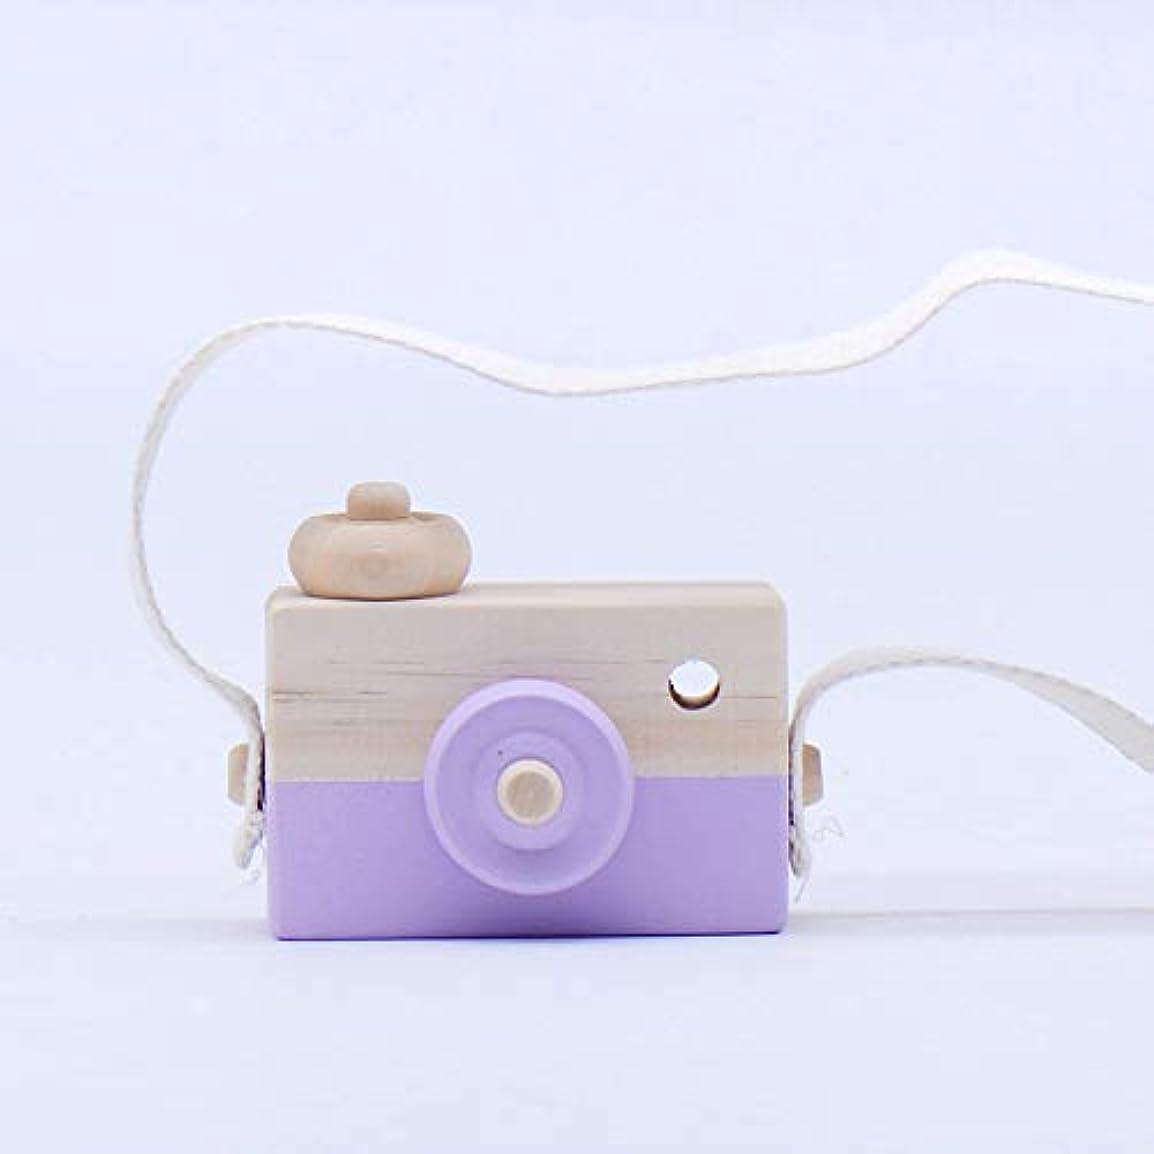 北方エスカレーター崇拝するミニかわいい木製カメラのおもちゃ安全なナチュラル玩具ベビーキッズファッション服アクセサリー玩具誕生日クリスマスホリデーギフト (紫の)